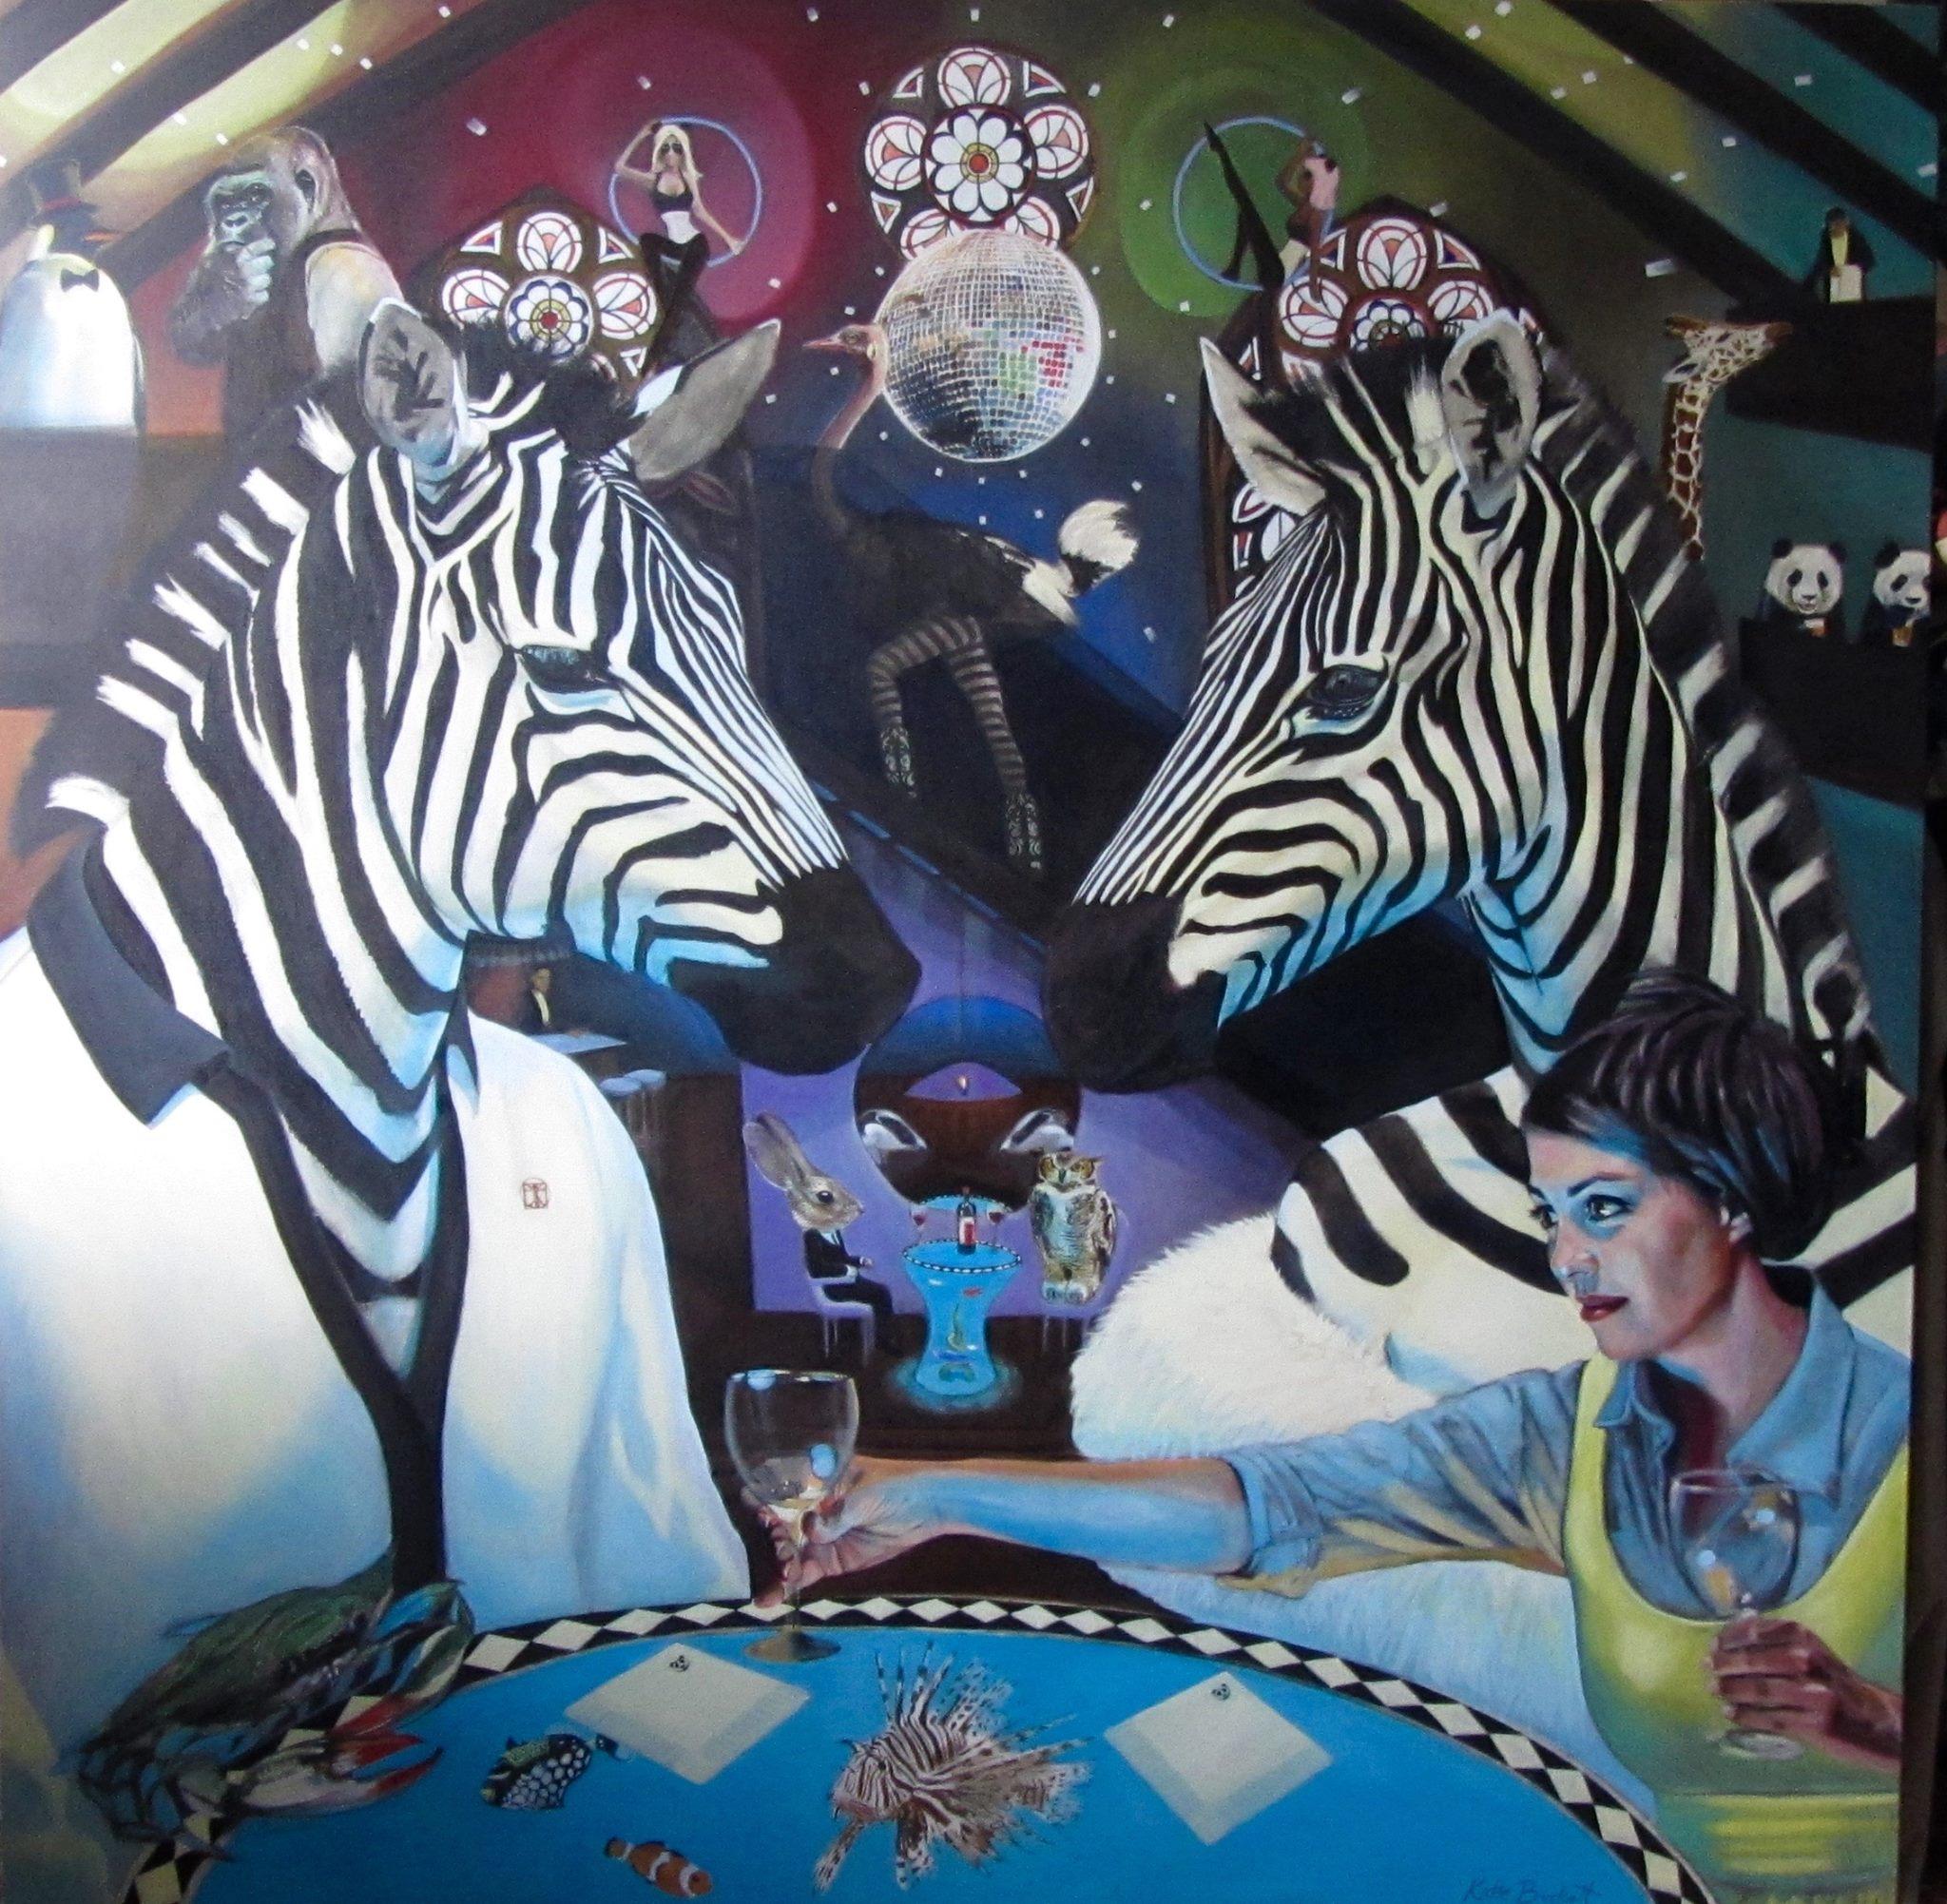 Drinks In The Panda Bar (Zebras)